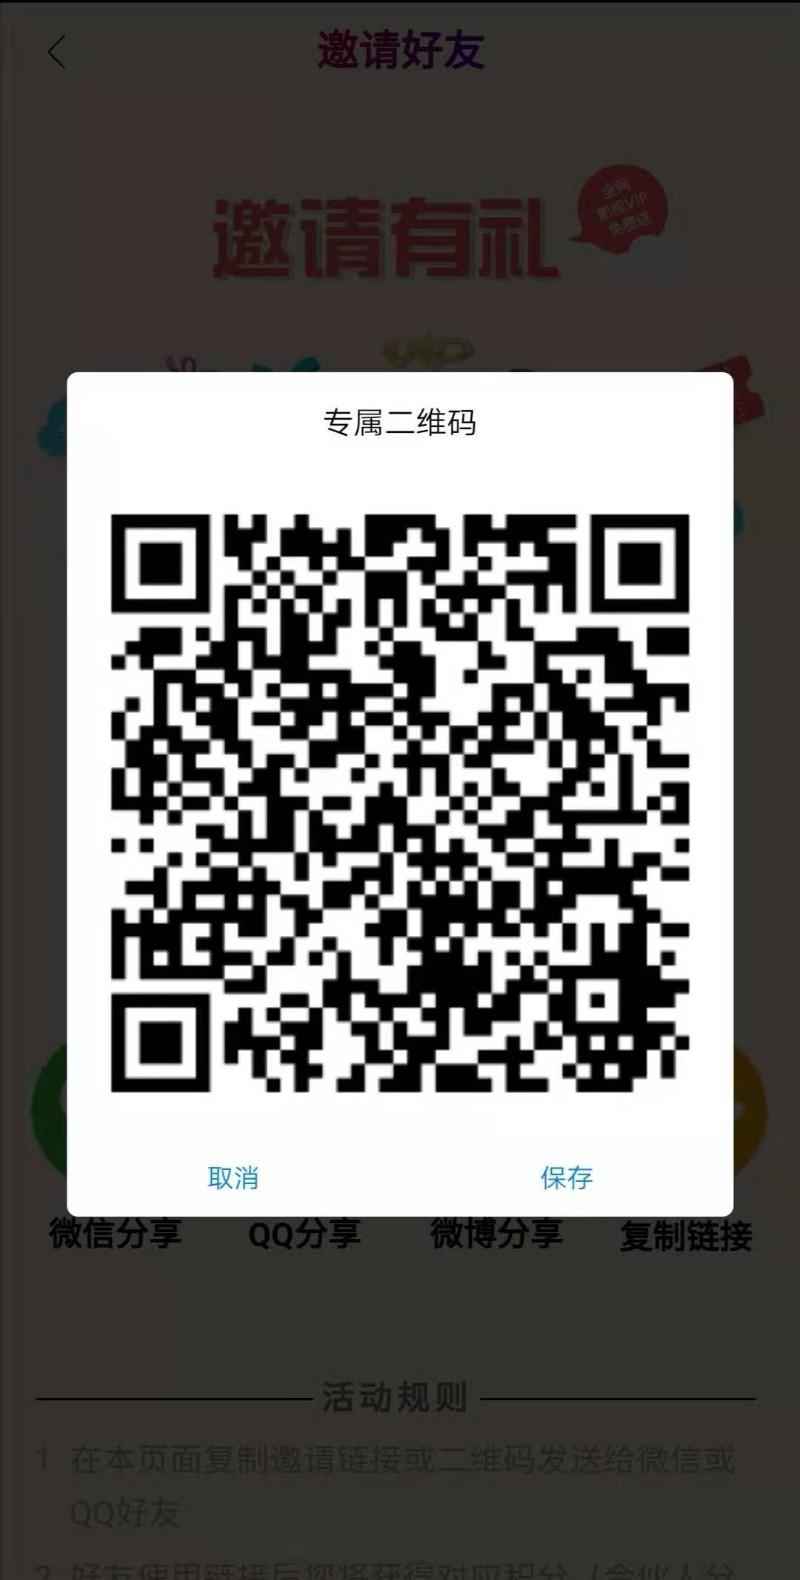 64efe758c5c23532c918744f8b14b60.jpg